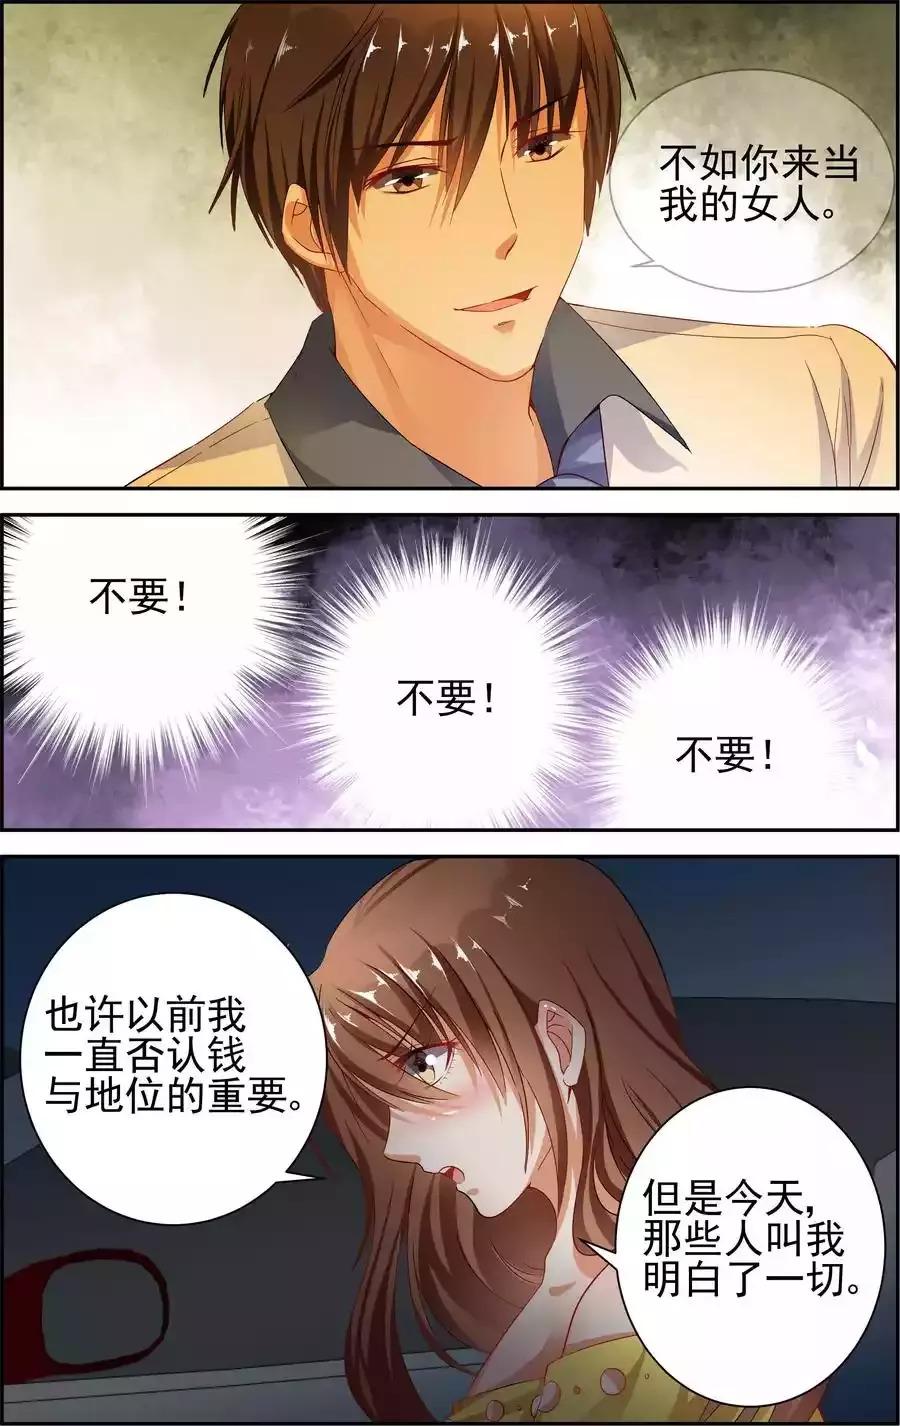 纯情花嫁第46话   第 3